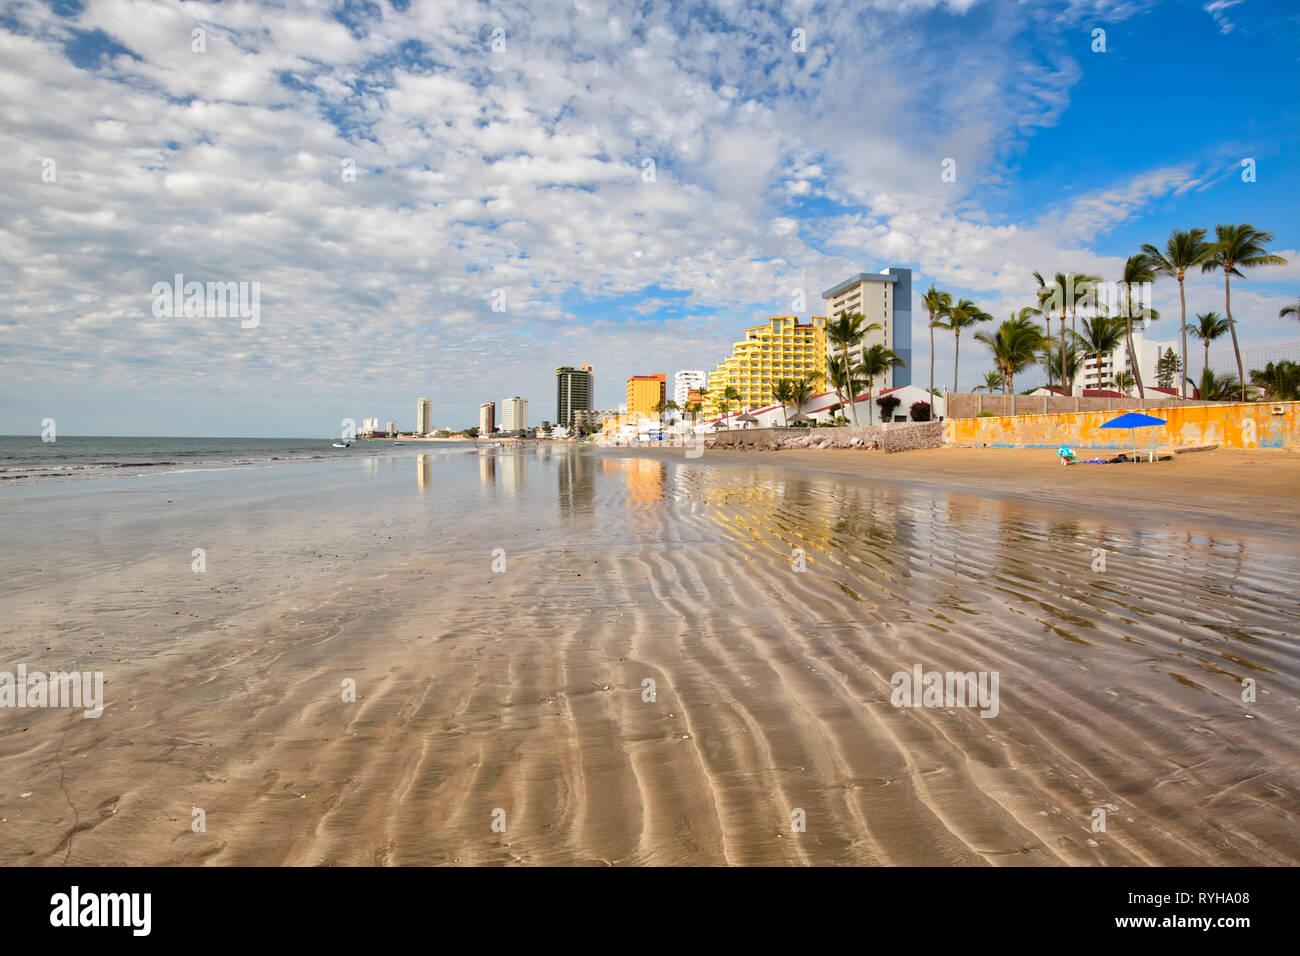 Mazatlán Zona Dorada (zona dorada), famosa playa turística y zona balnearia en México Imagen De Stock